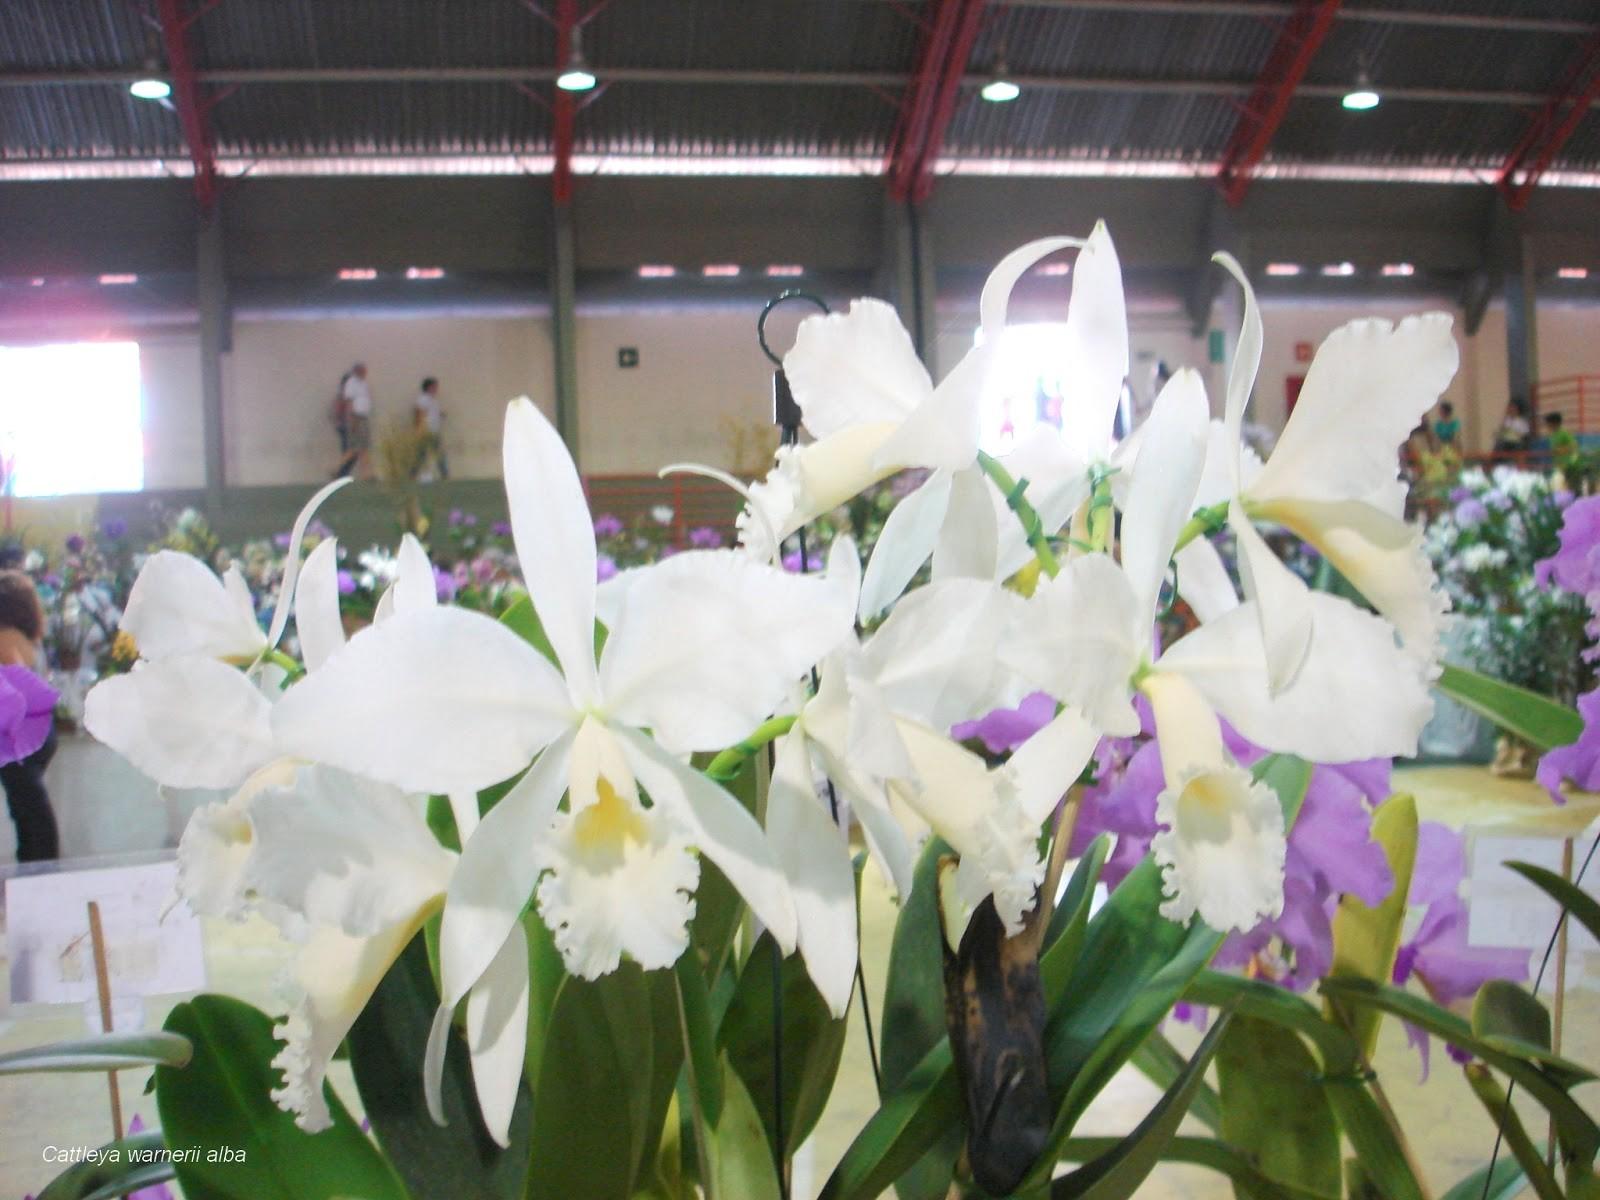 Nova edição do Orquídea Fest começa nesta sexta-feira em Divinópolis - Notícias - Plantão Diário